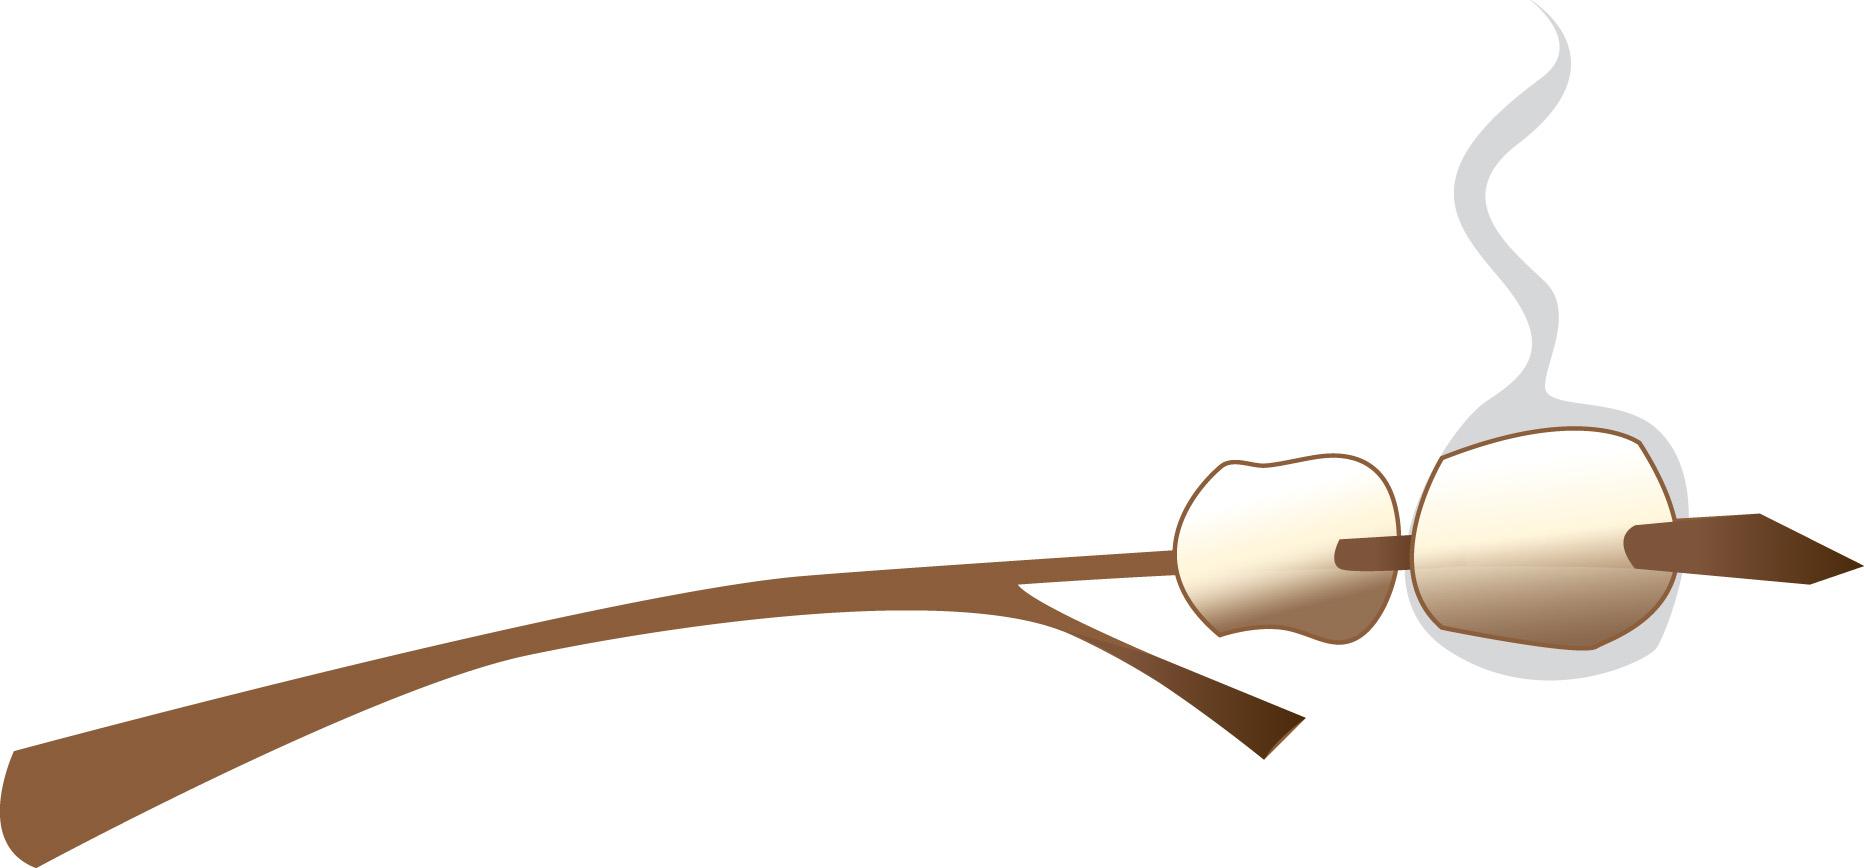 1864x868 Campfire Clipart Stick